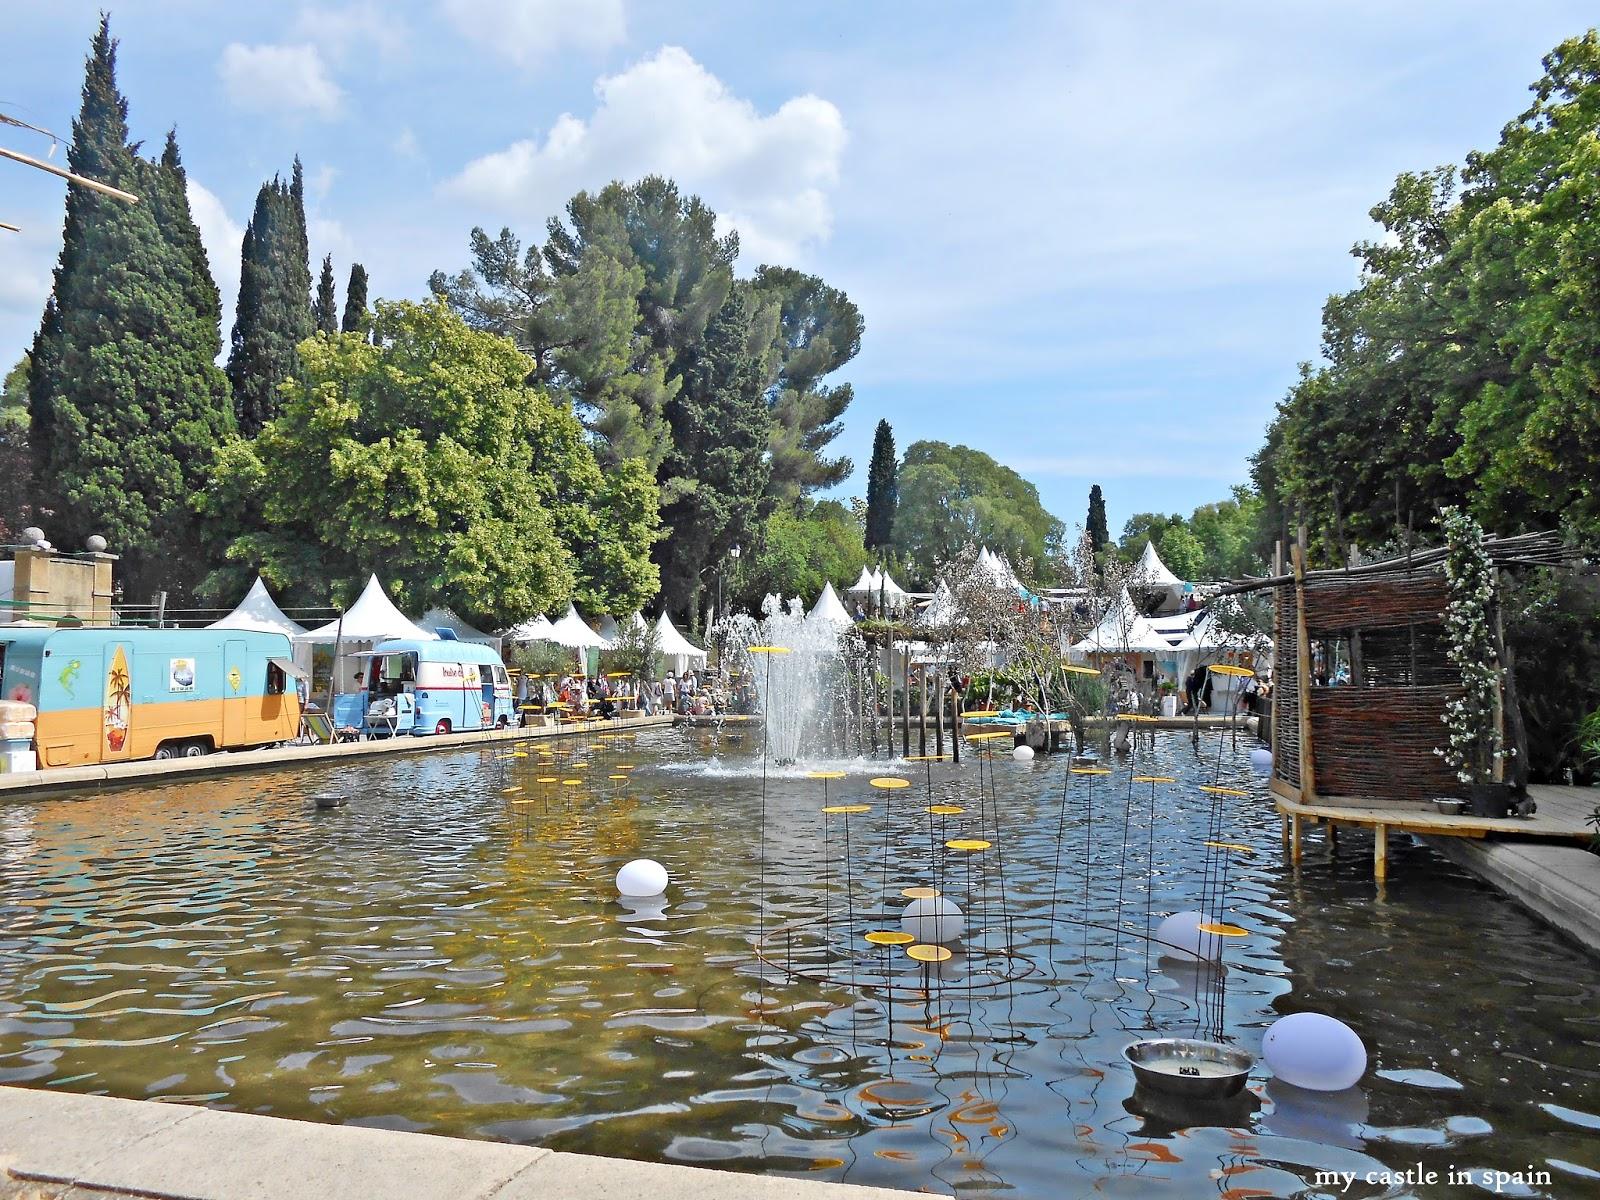 Salon vivre c t sud in aix en provence a trade show dedicated to the mediterranean lifestyle - Parc jourdan aix en provence ...